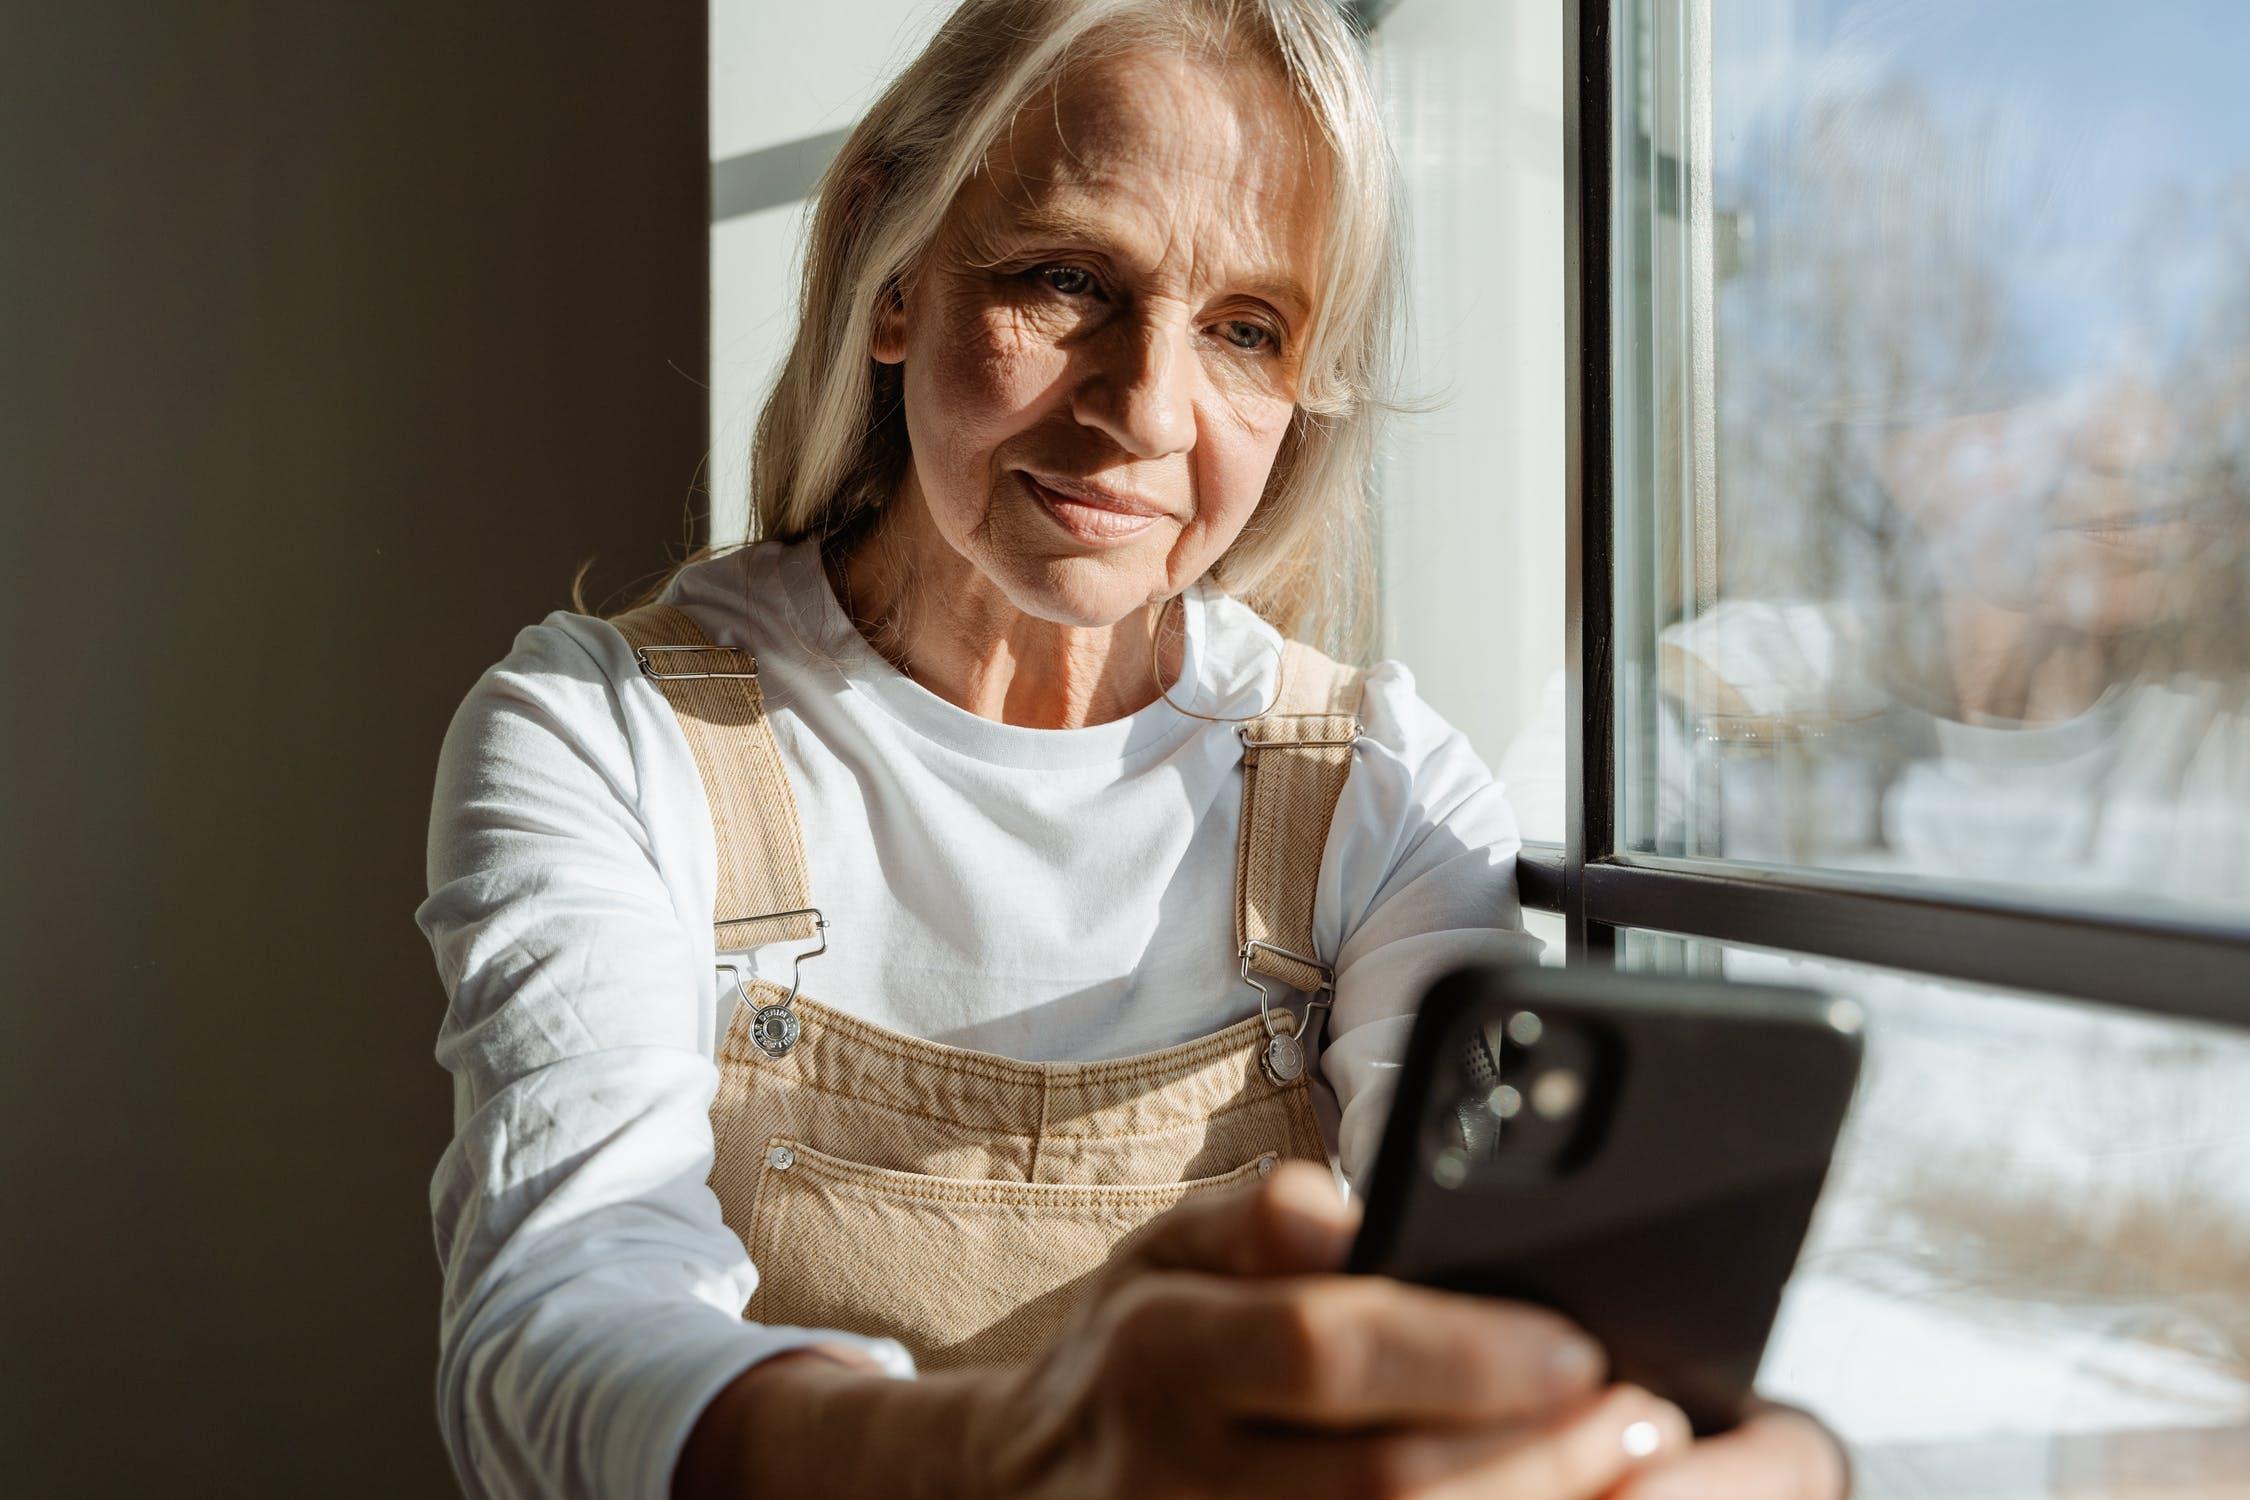 Ältere Menschen brauchen im Zeitalter der Covid-19-Pandemie mehr Unterstützung als je zuvor